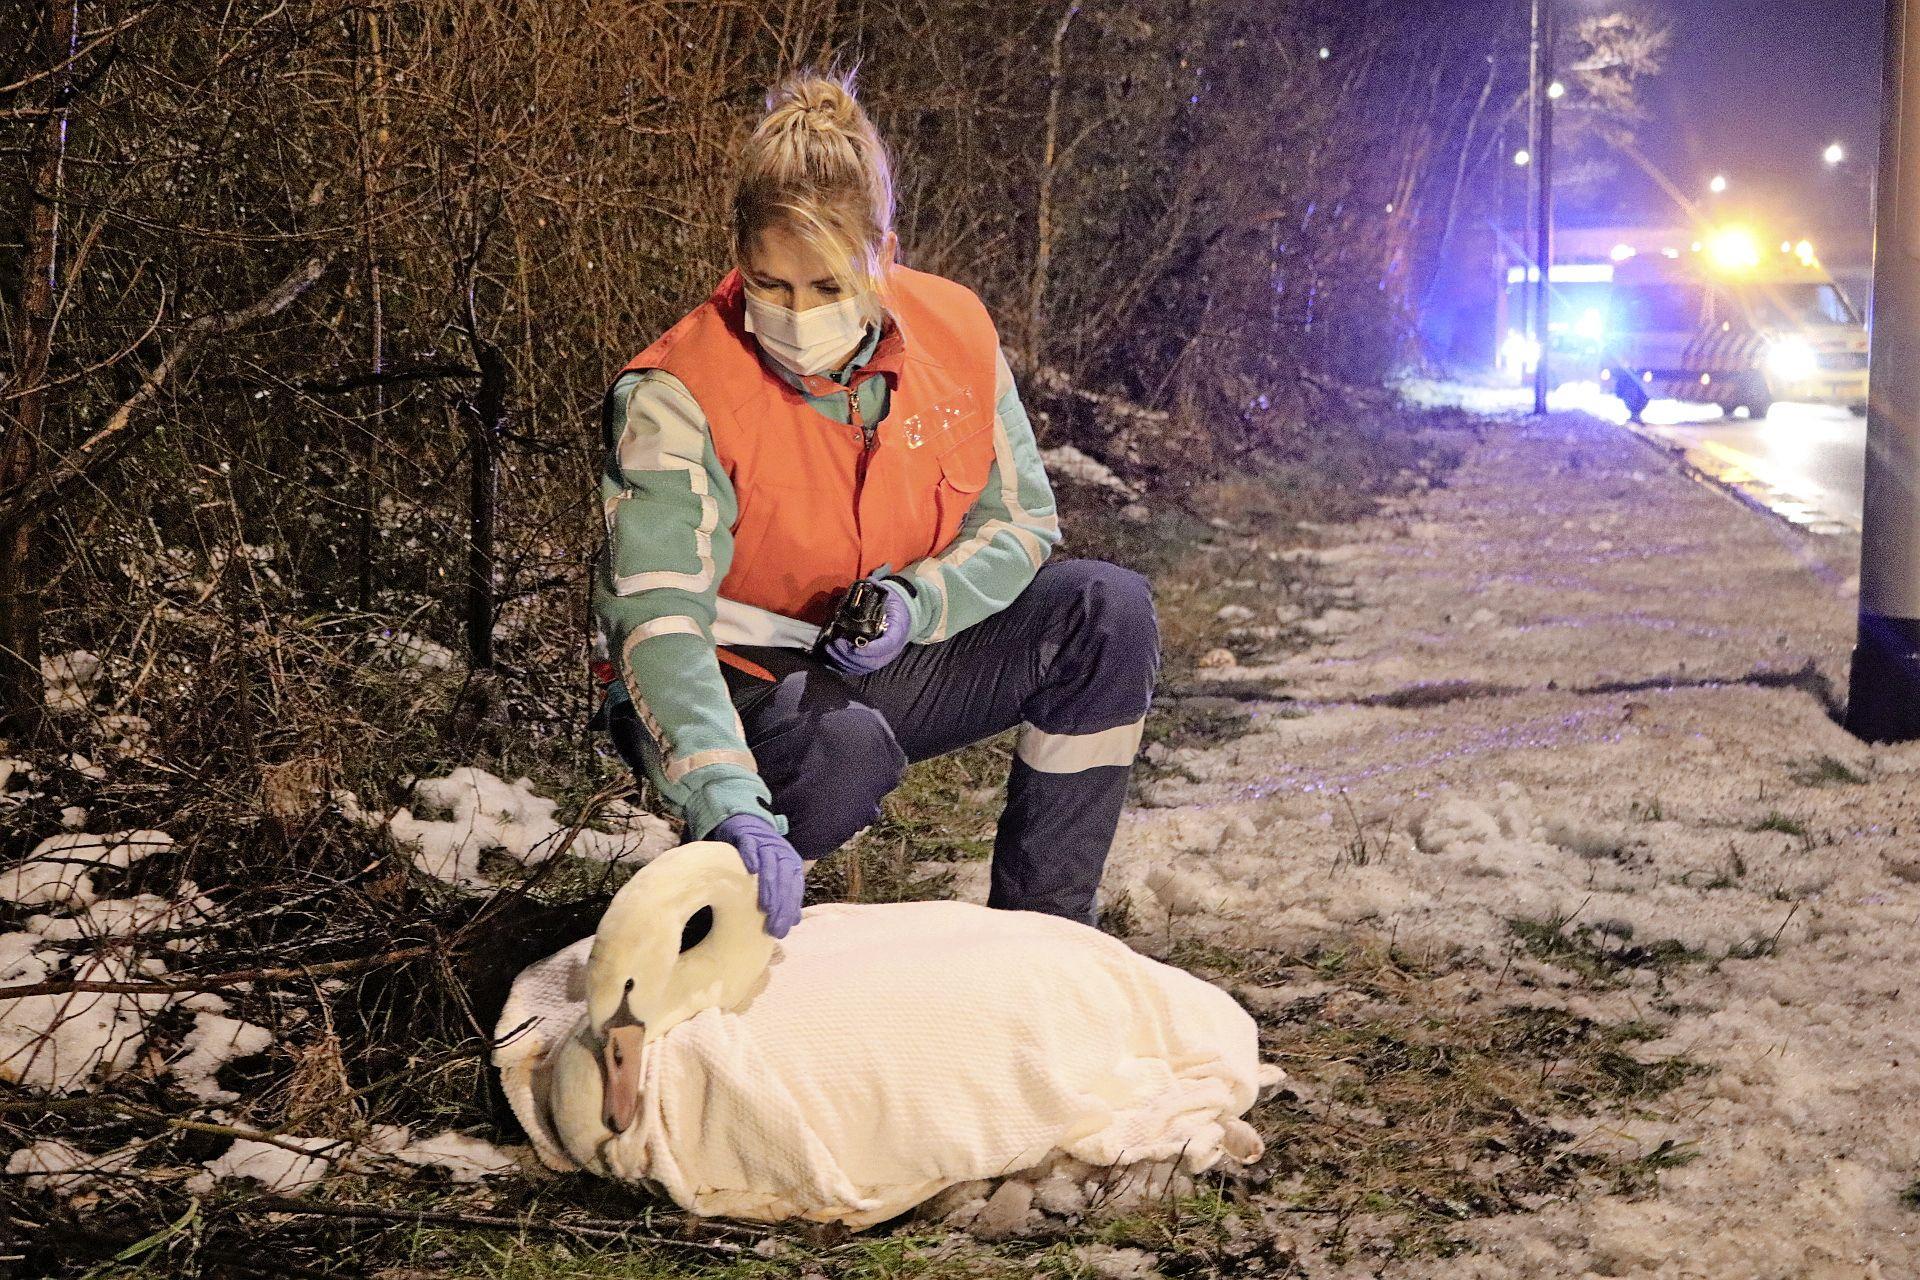 Zwaan gewond bij ongeluk tussen twee voertuigen in Katwijk; langsrijdende ambulancebroeders houden het gewonde dier warm